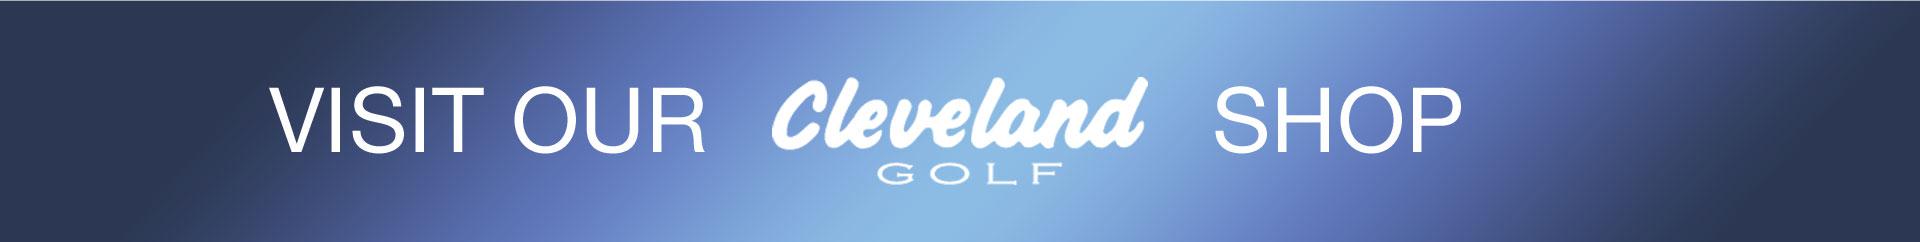 Shop Cleveland